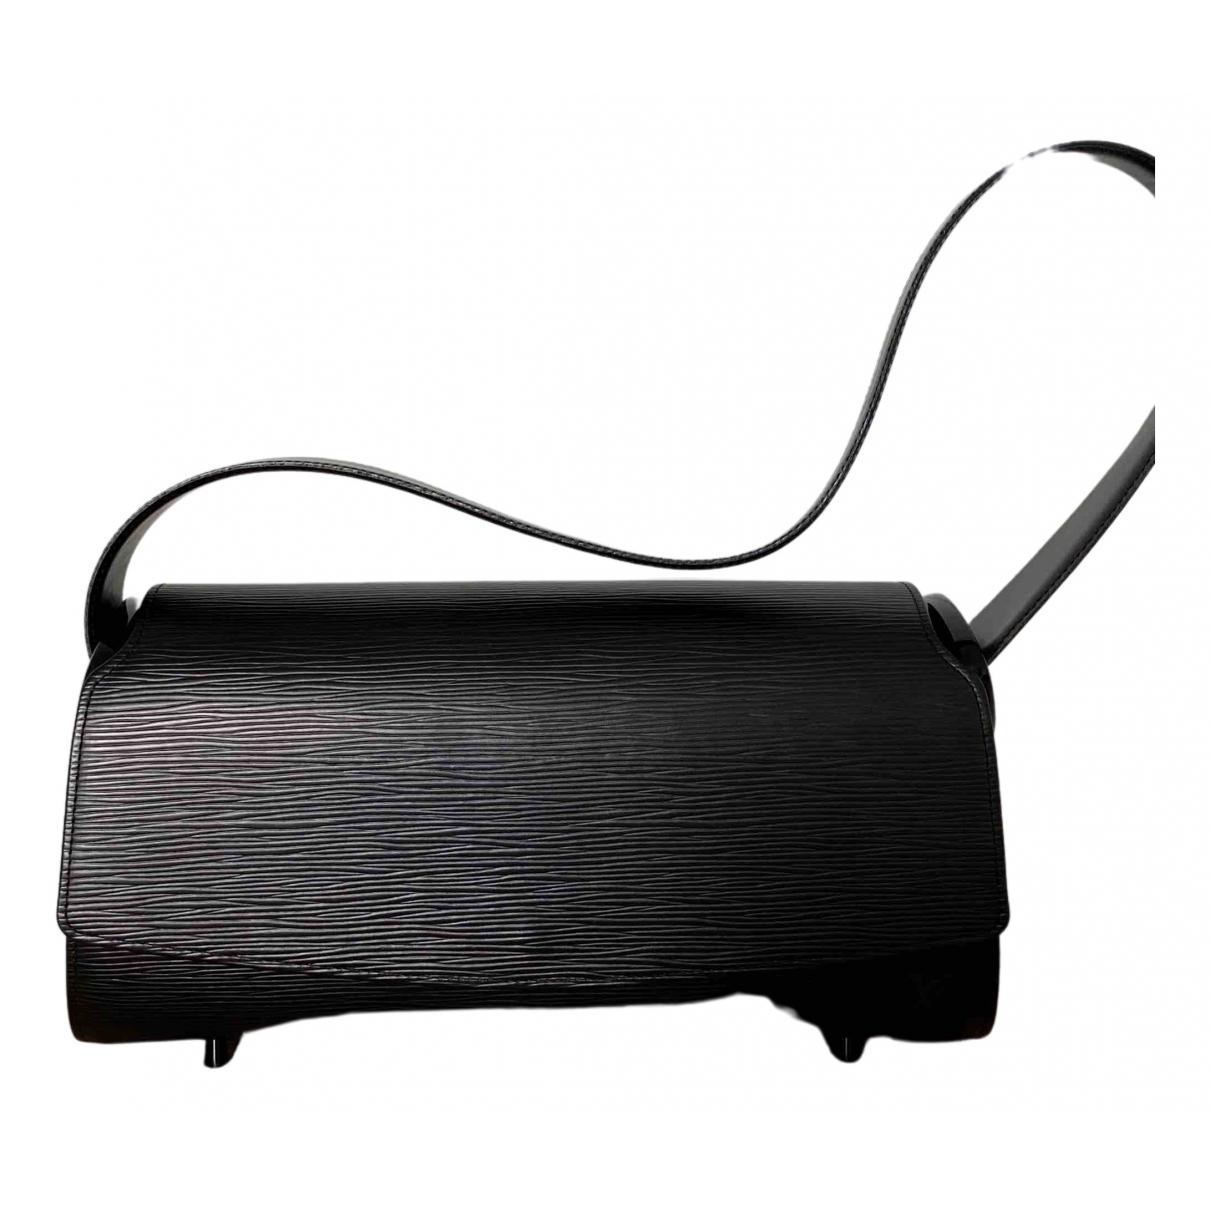 Bolso baguette Nocturne de Cuero Louis Vuitton